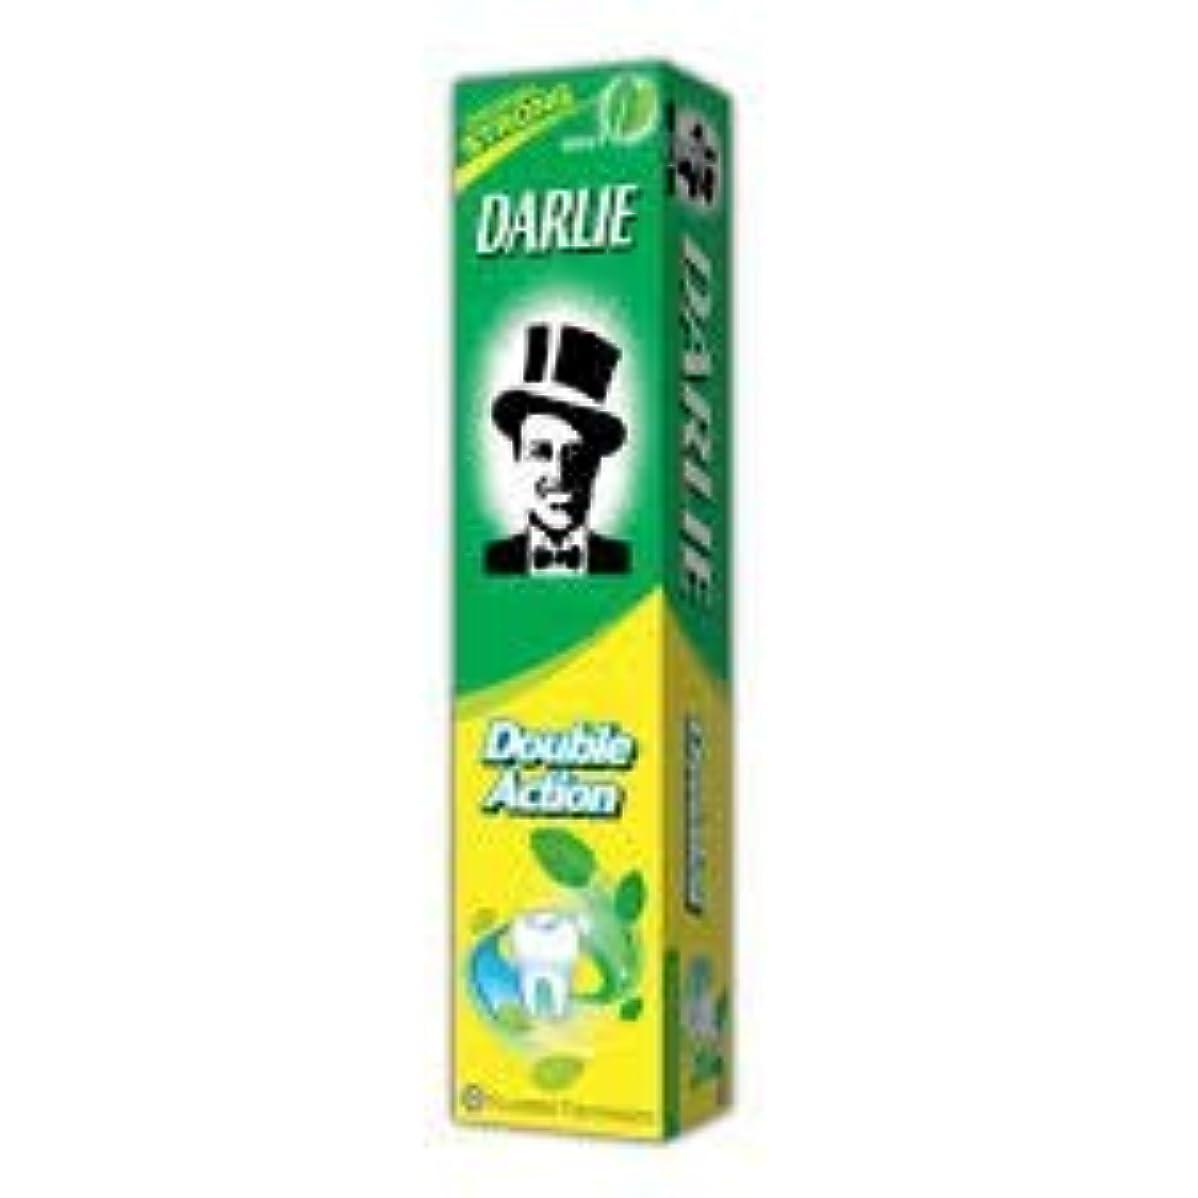 湿った有効方程式DARLIE 歯磨き粉ジャンボ 250g-12 時間のためのより長く持続する新鮮な息を与える-効果的に経口細菌を減少させます